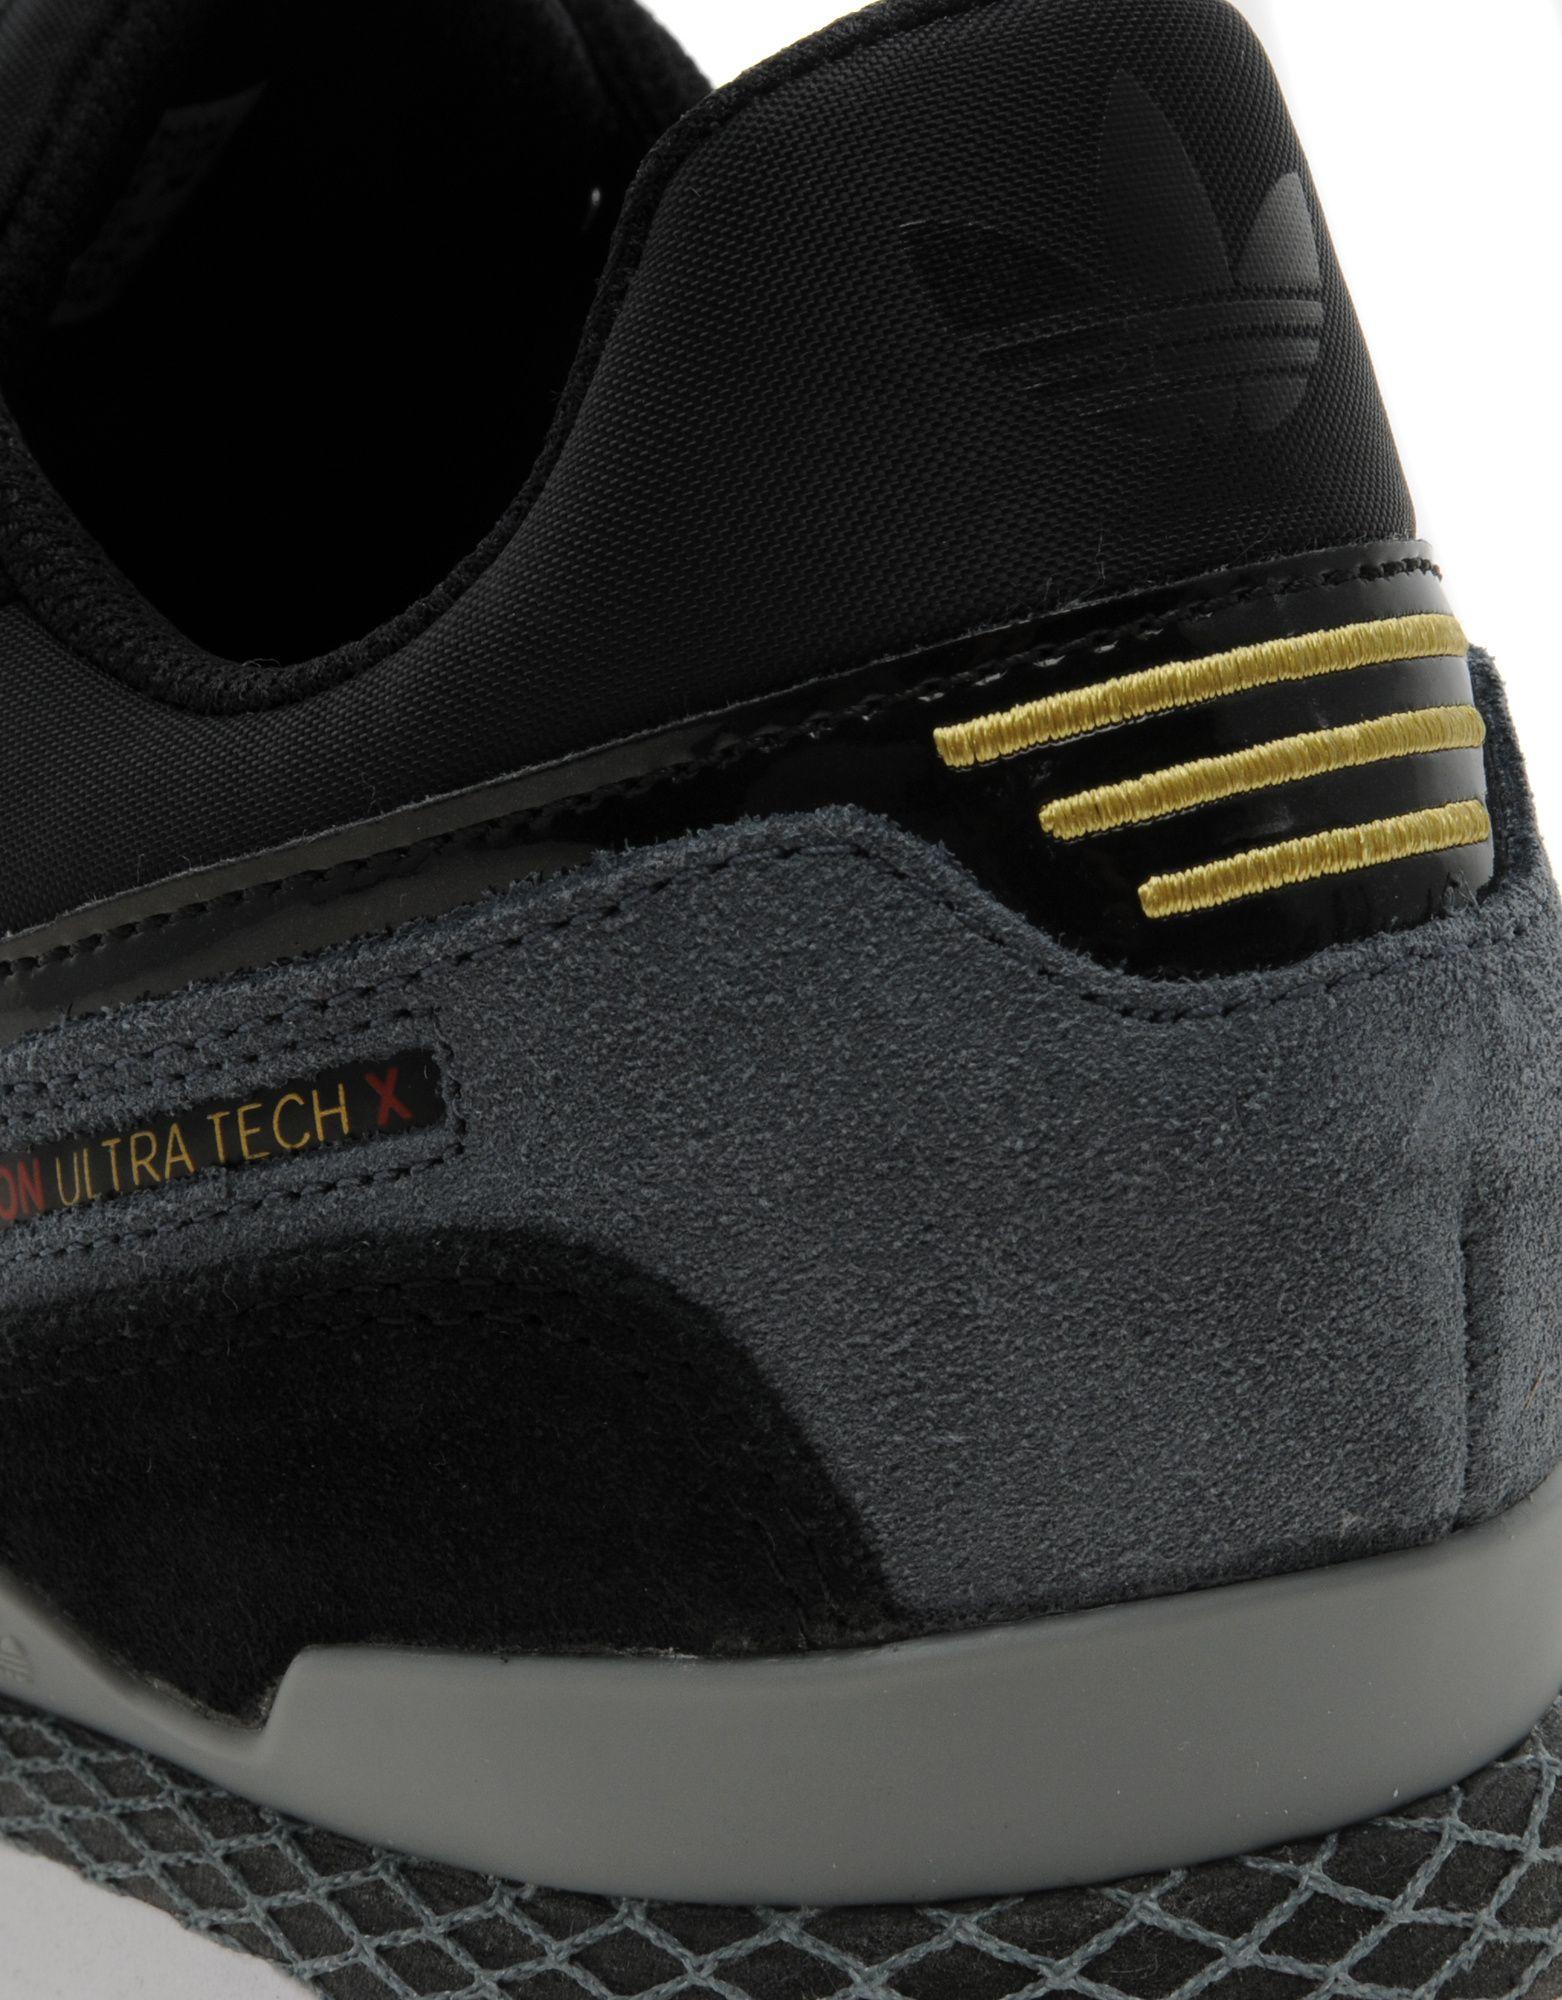 adidas Originals Oregon Ultra